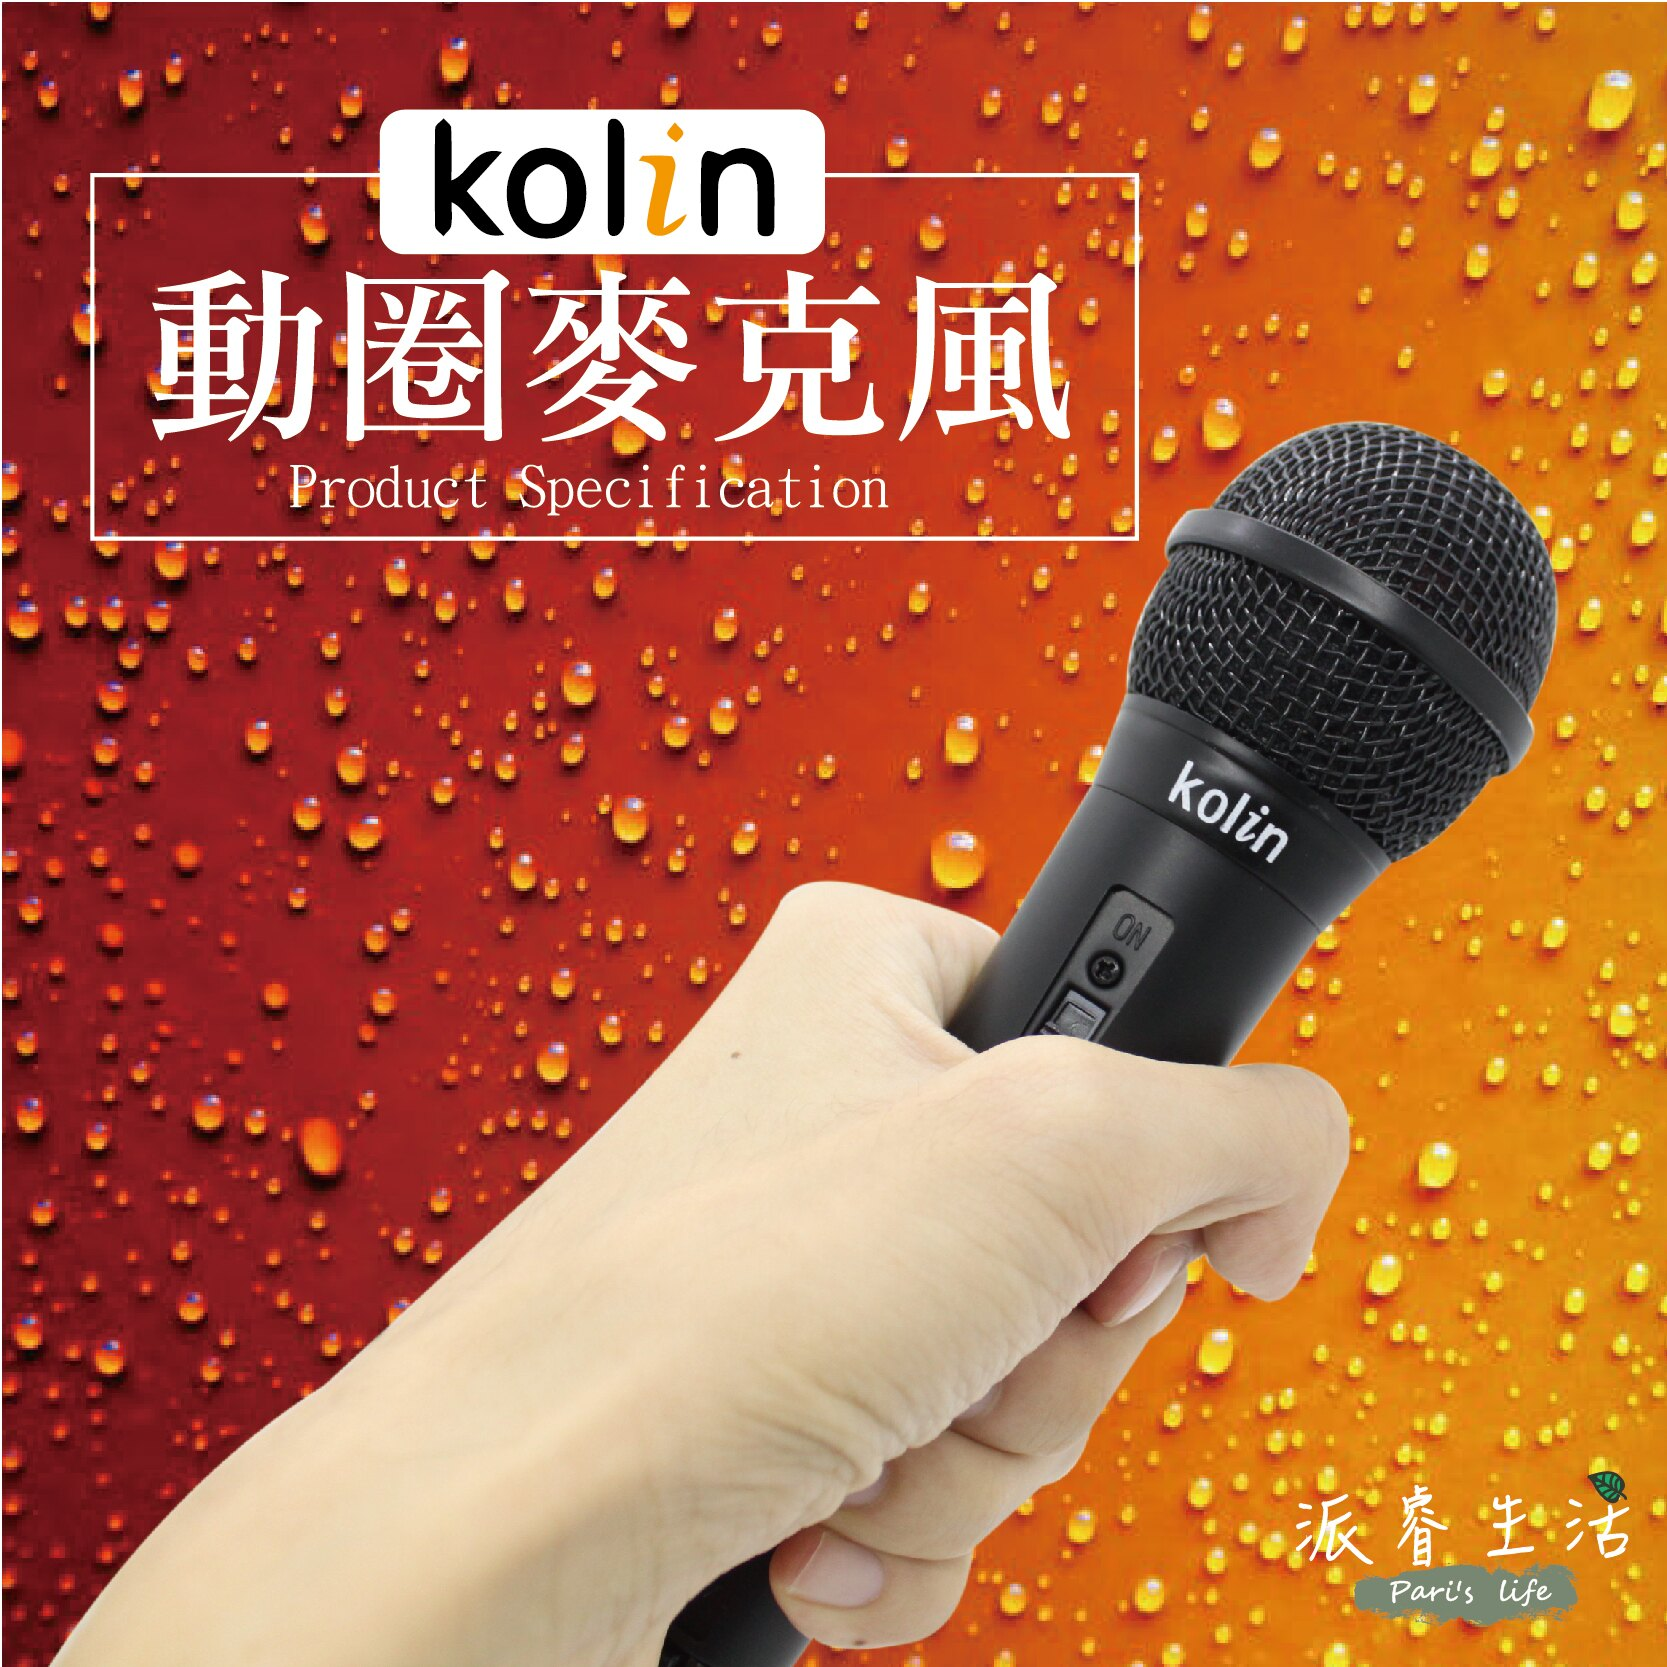 【KOLIN 專業級歌林動圈式麥克風】高靈敏 / 音質優美 / 適用人聲 / KMC-EH312【LD124】 0